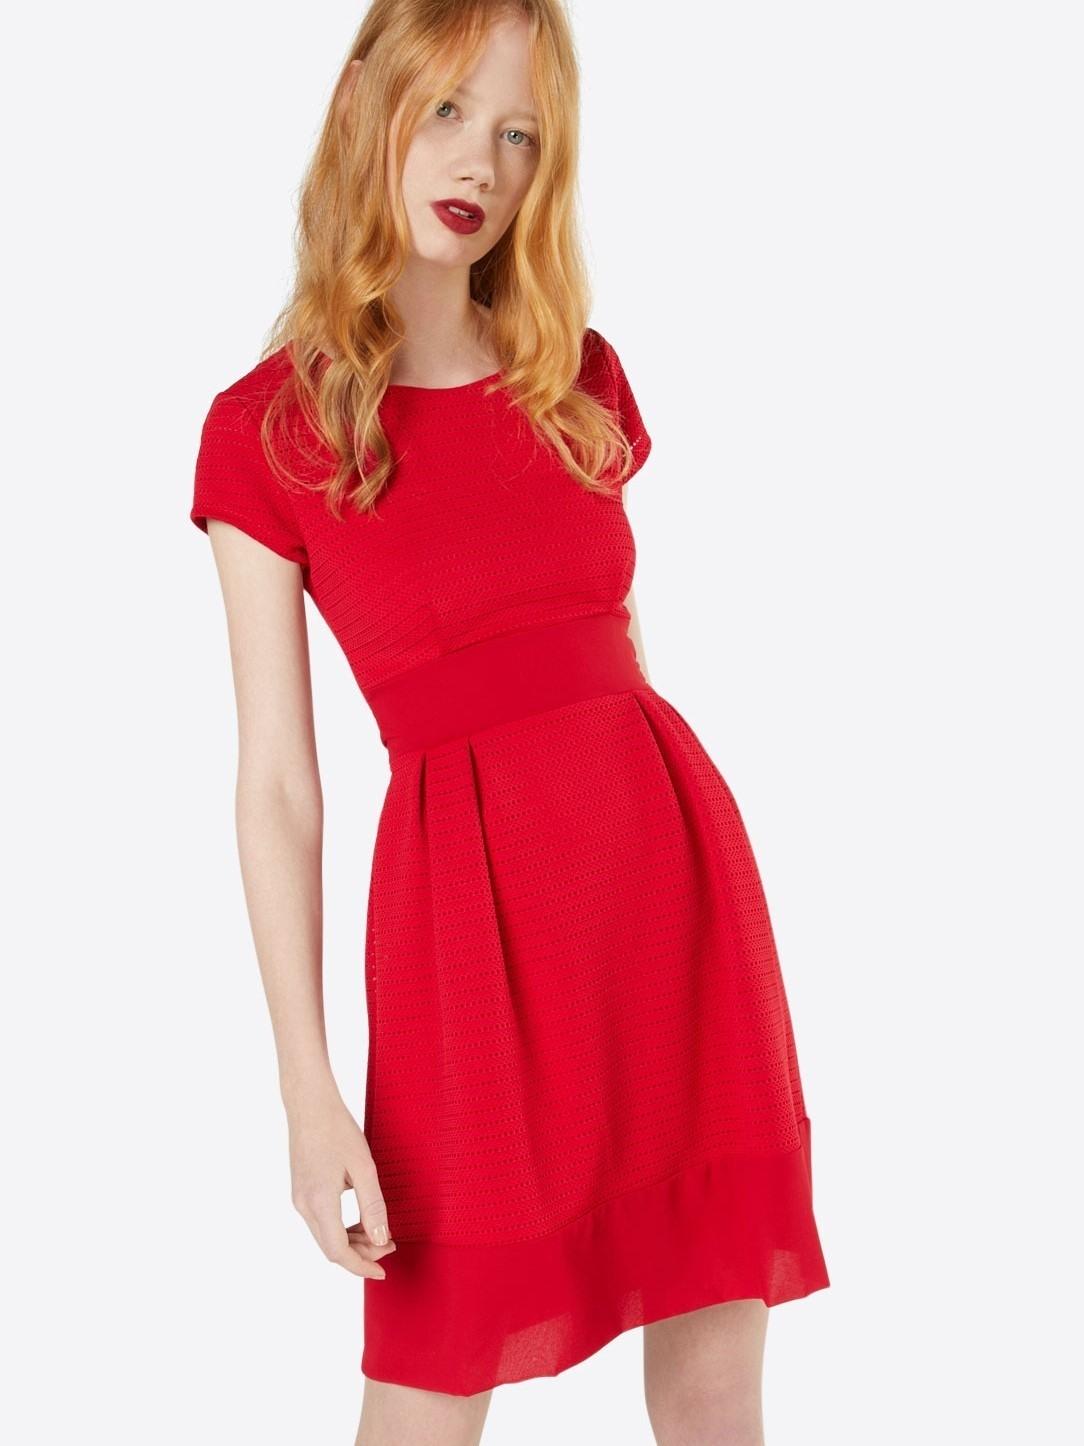 20 Schön Abendkleid Rot Glitzer für 201915 Leicht Abendkleid Rot Glitzer für 2019